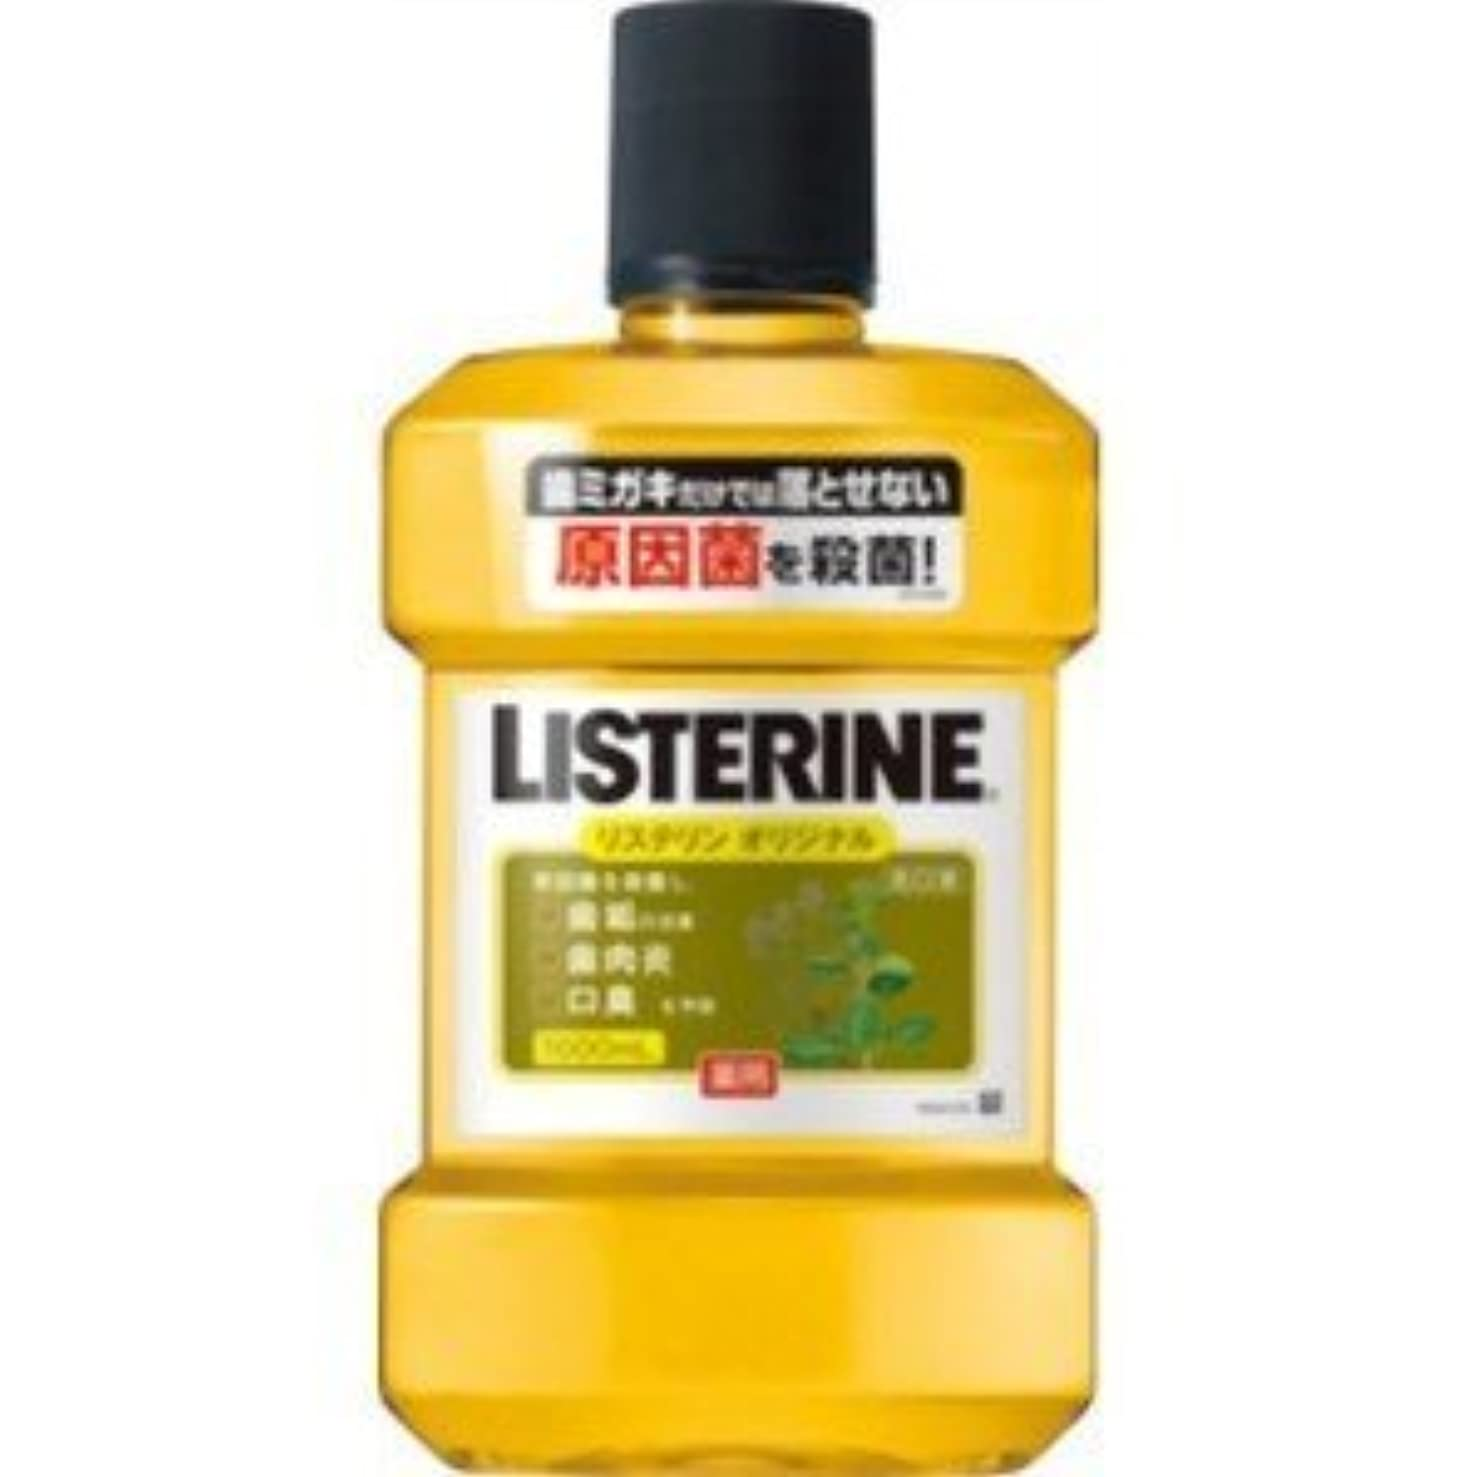 【ジョンソン&ジョンソン】薬用 リステリン オリジナル 1000ml(医薬部外品)